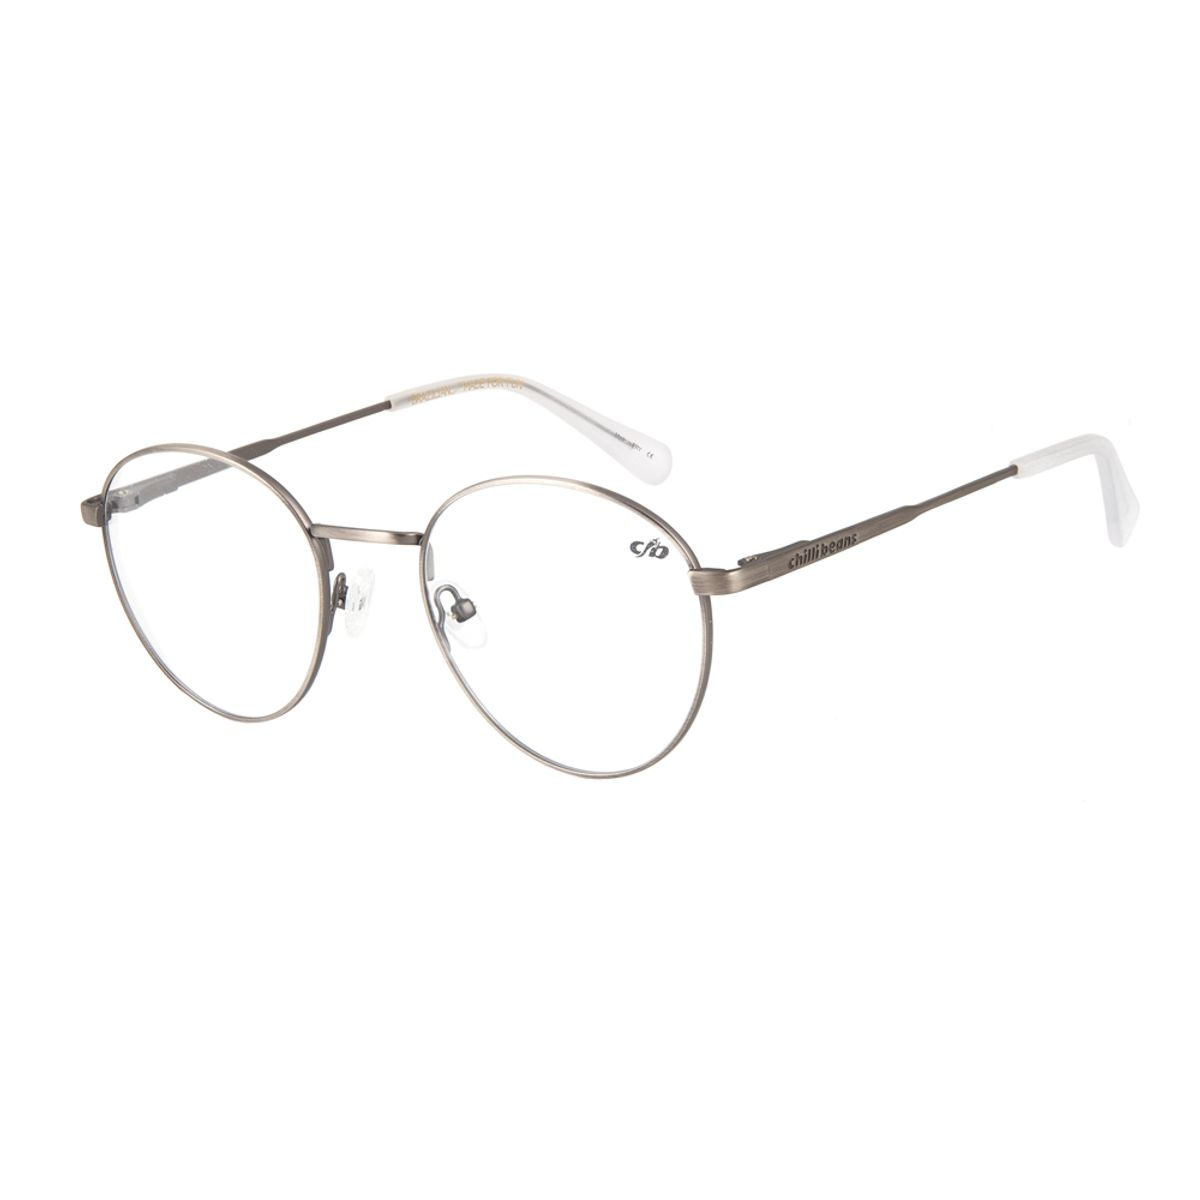 05746433fae3d Armação para Óculos de Grau Unissex Chilli Beans Redondo Grafite ...